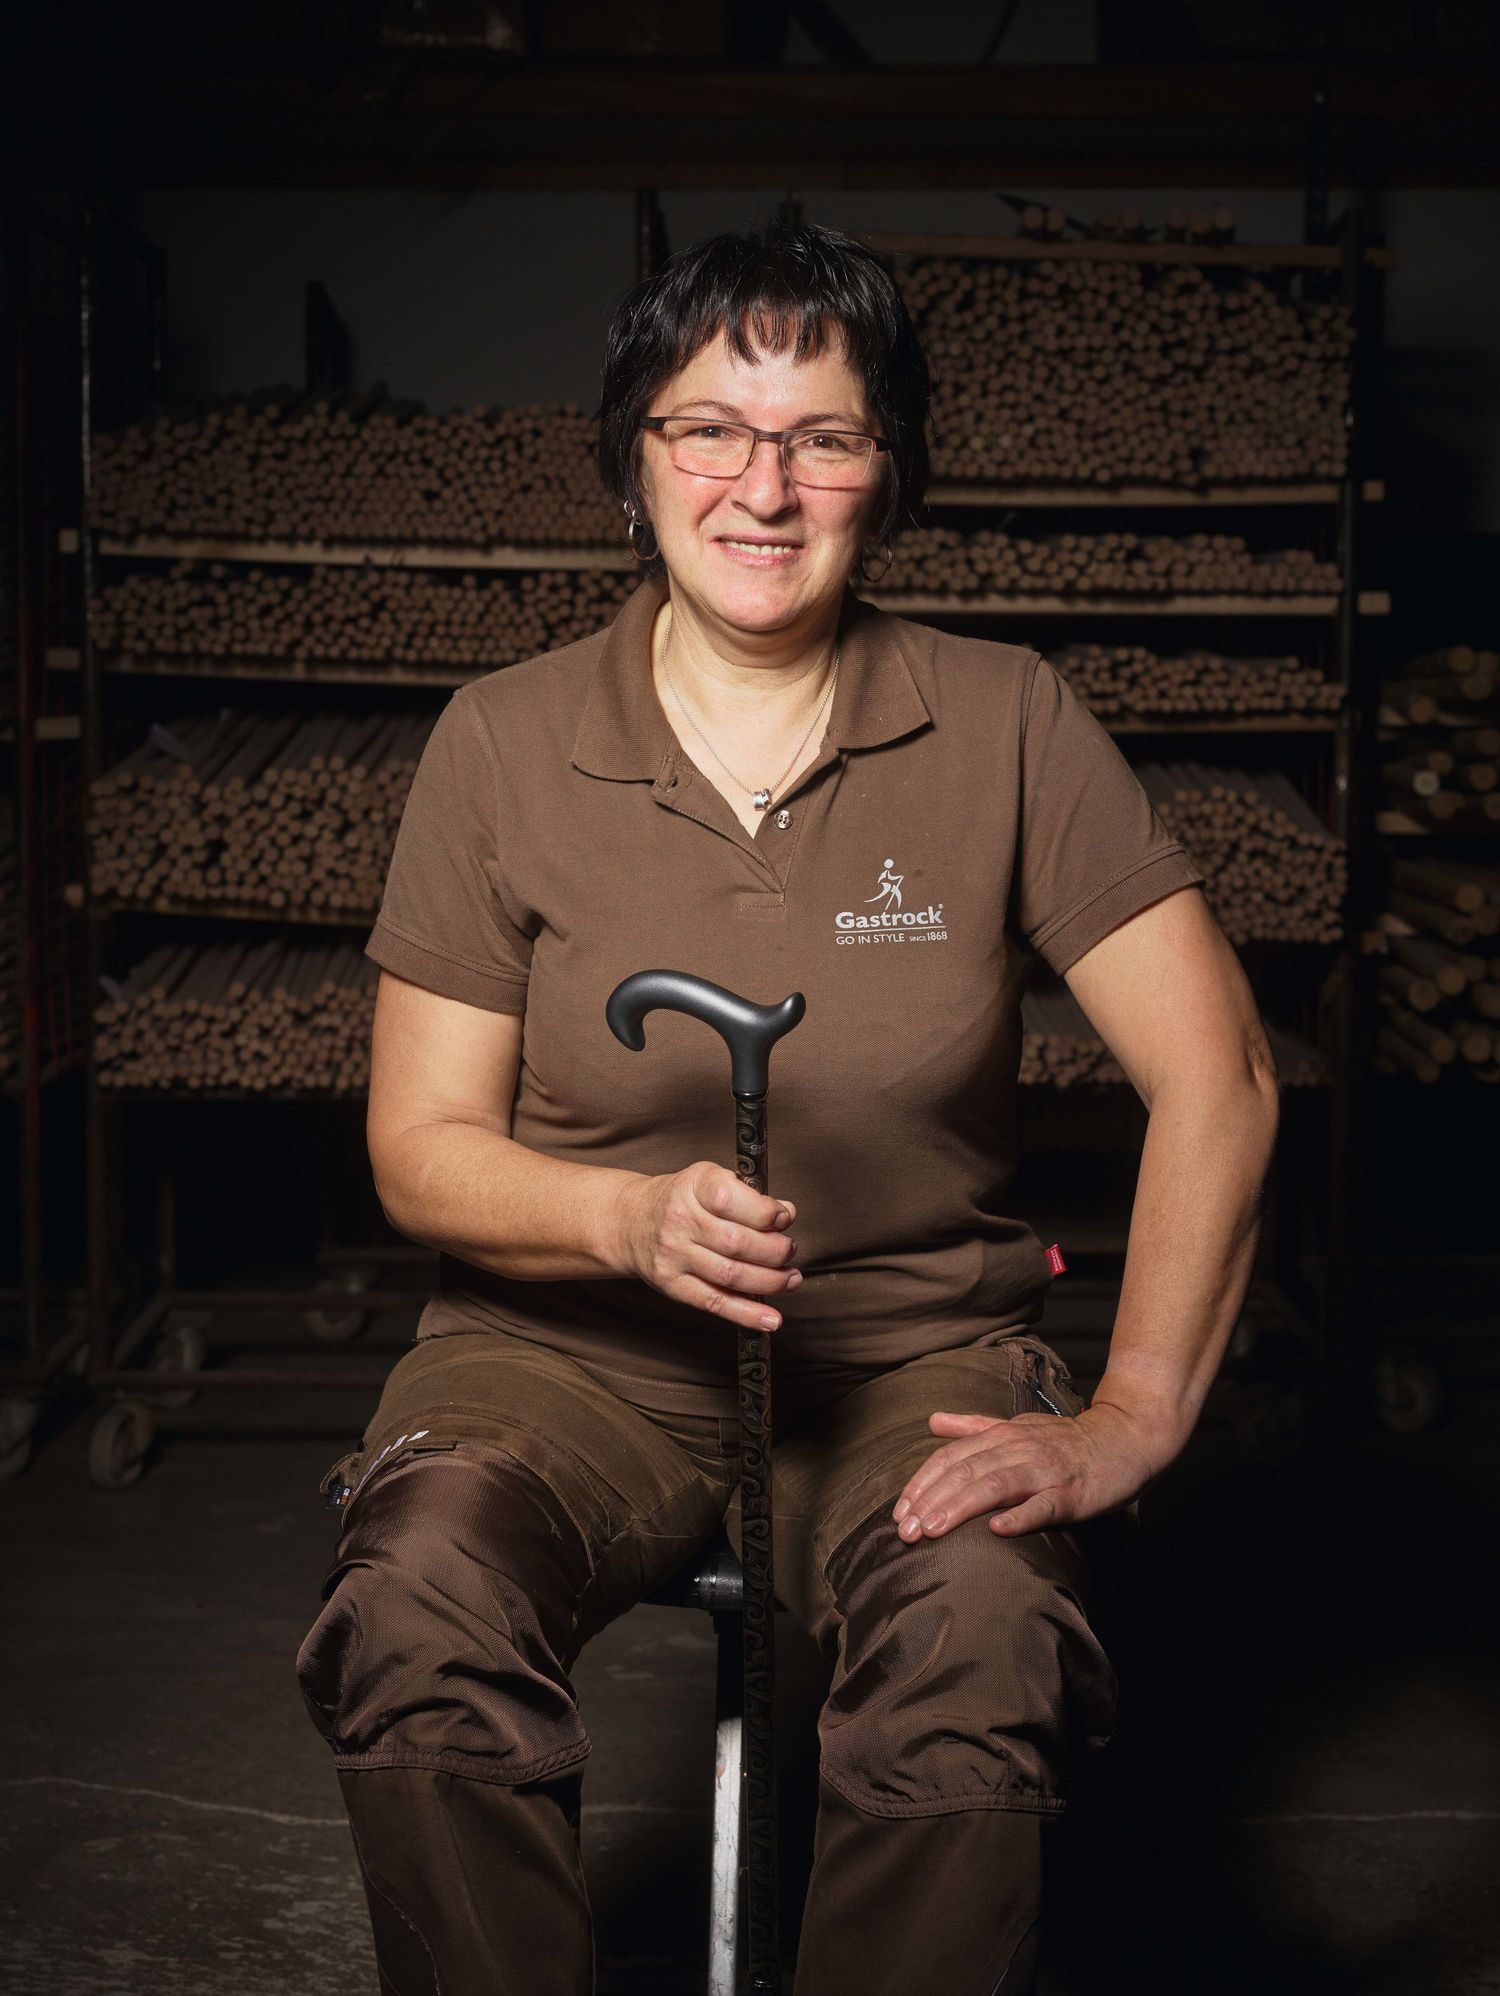 Petra Eib, Facharbeiterin für Stockverarbeitung